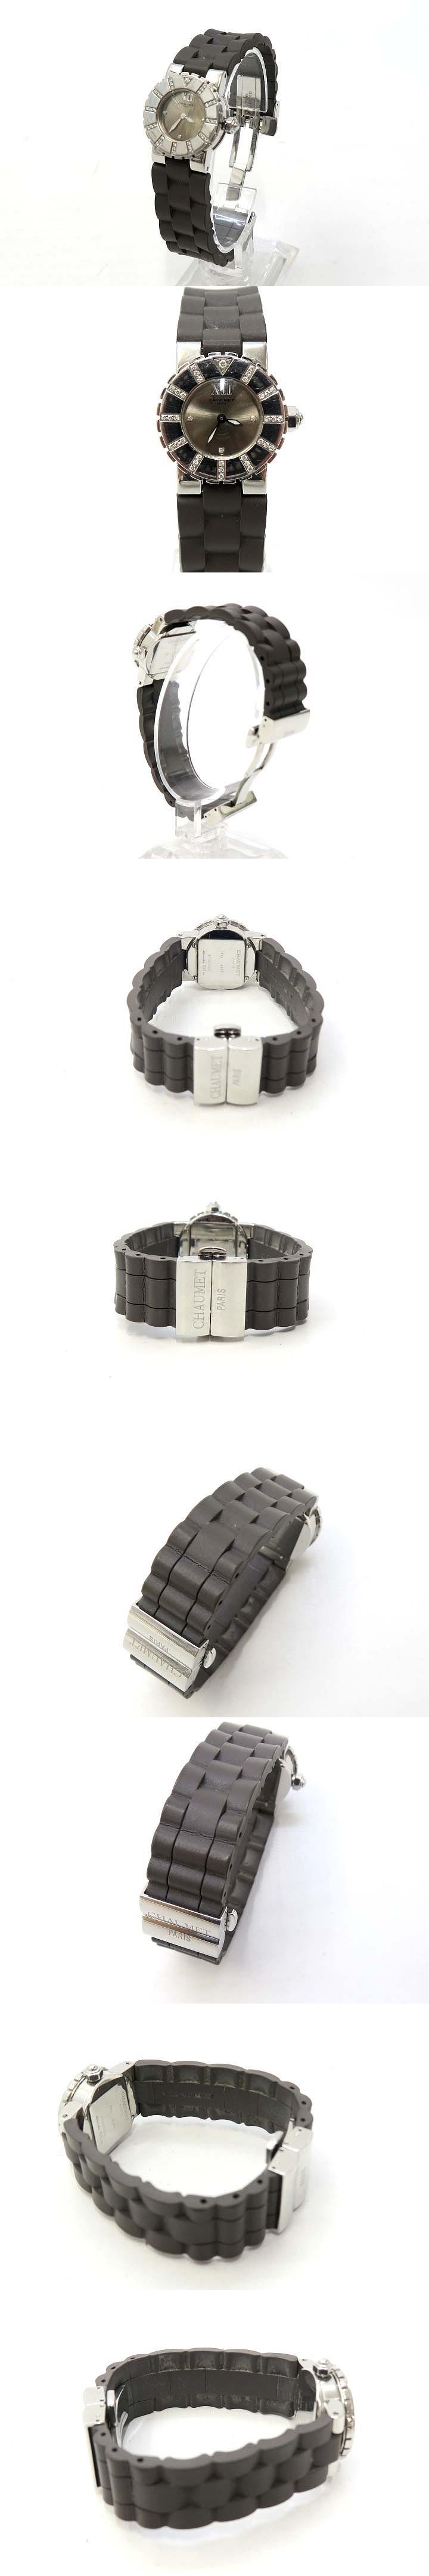 621-4138 ダイヤモンド装飾 クラスワン クォーツ ウォッチ 時計